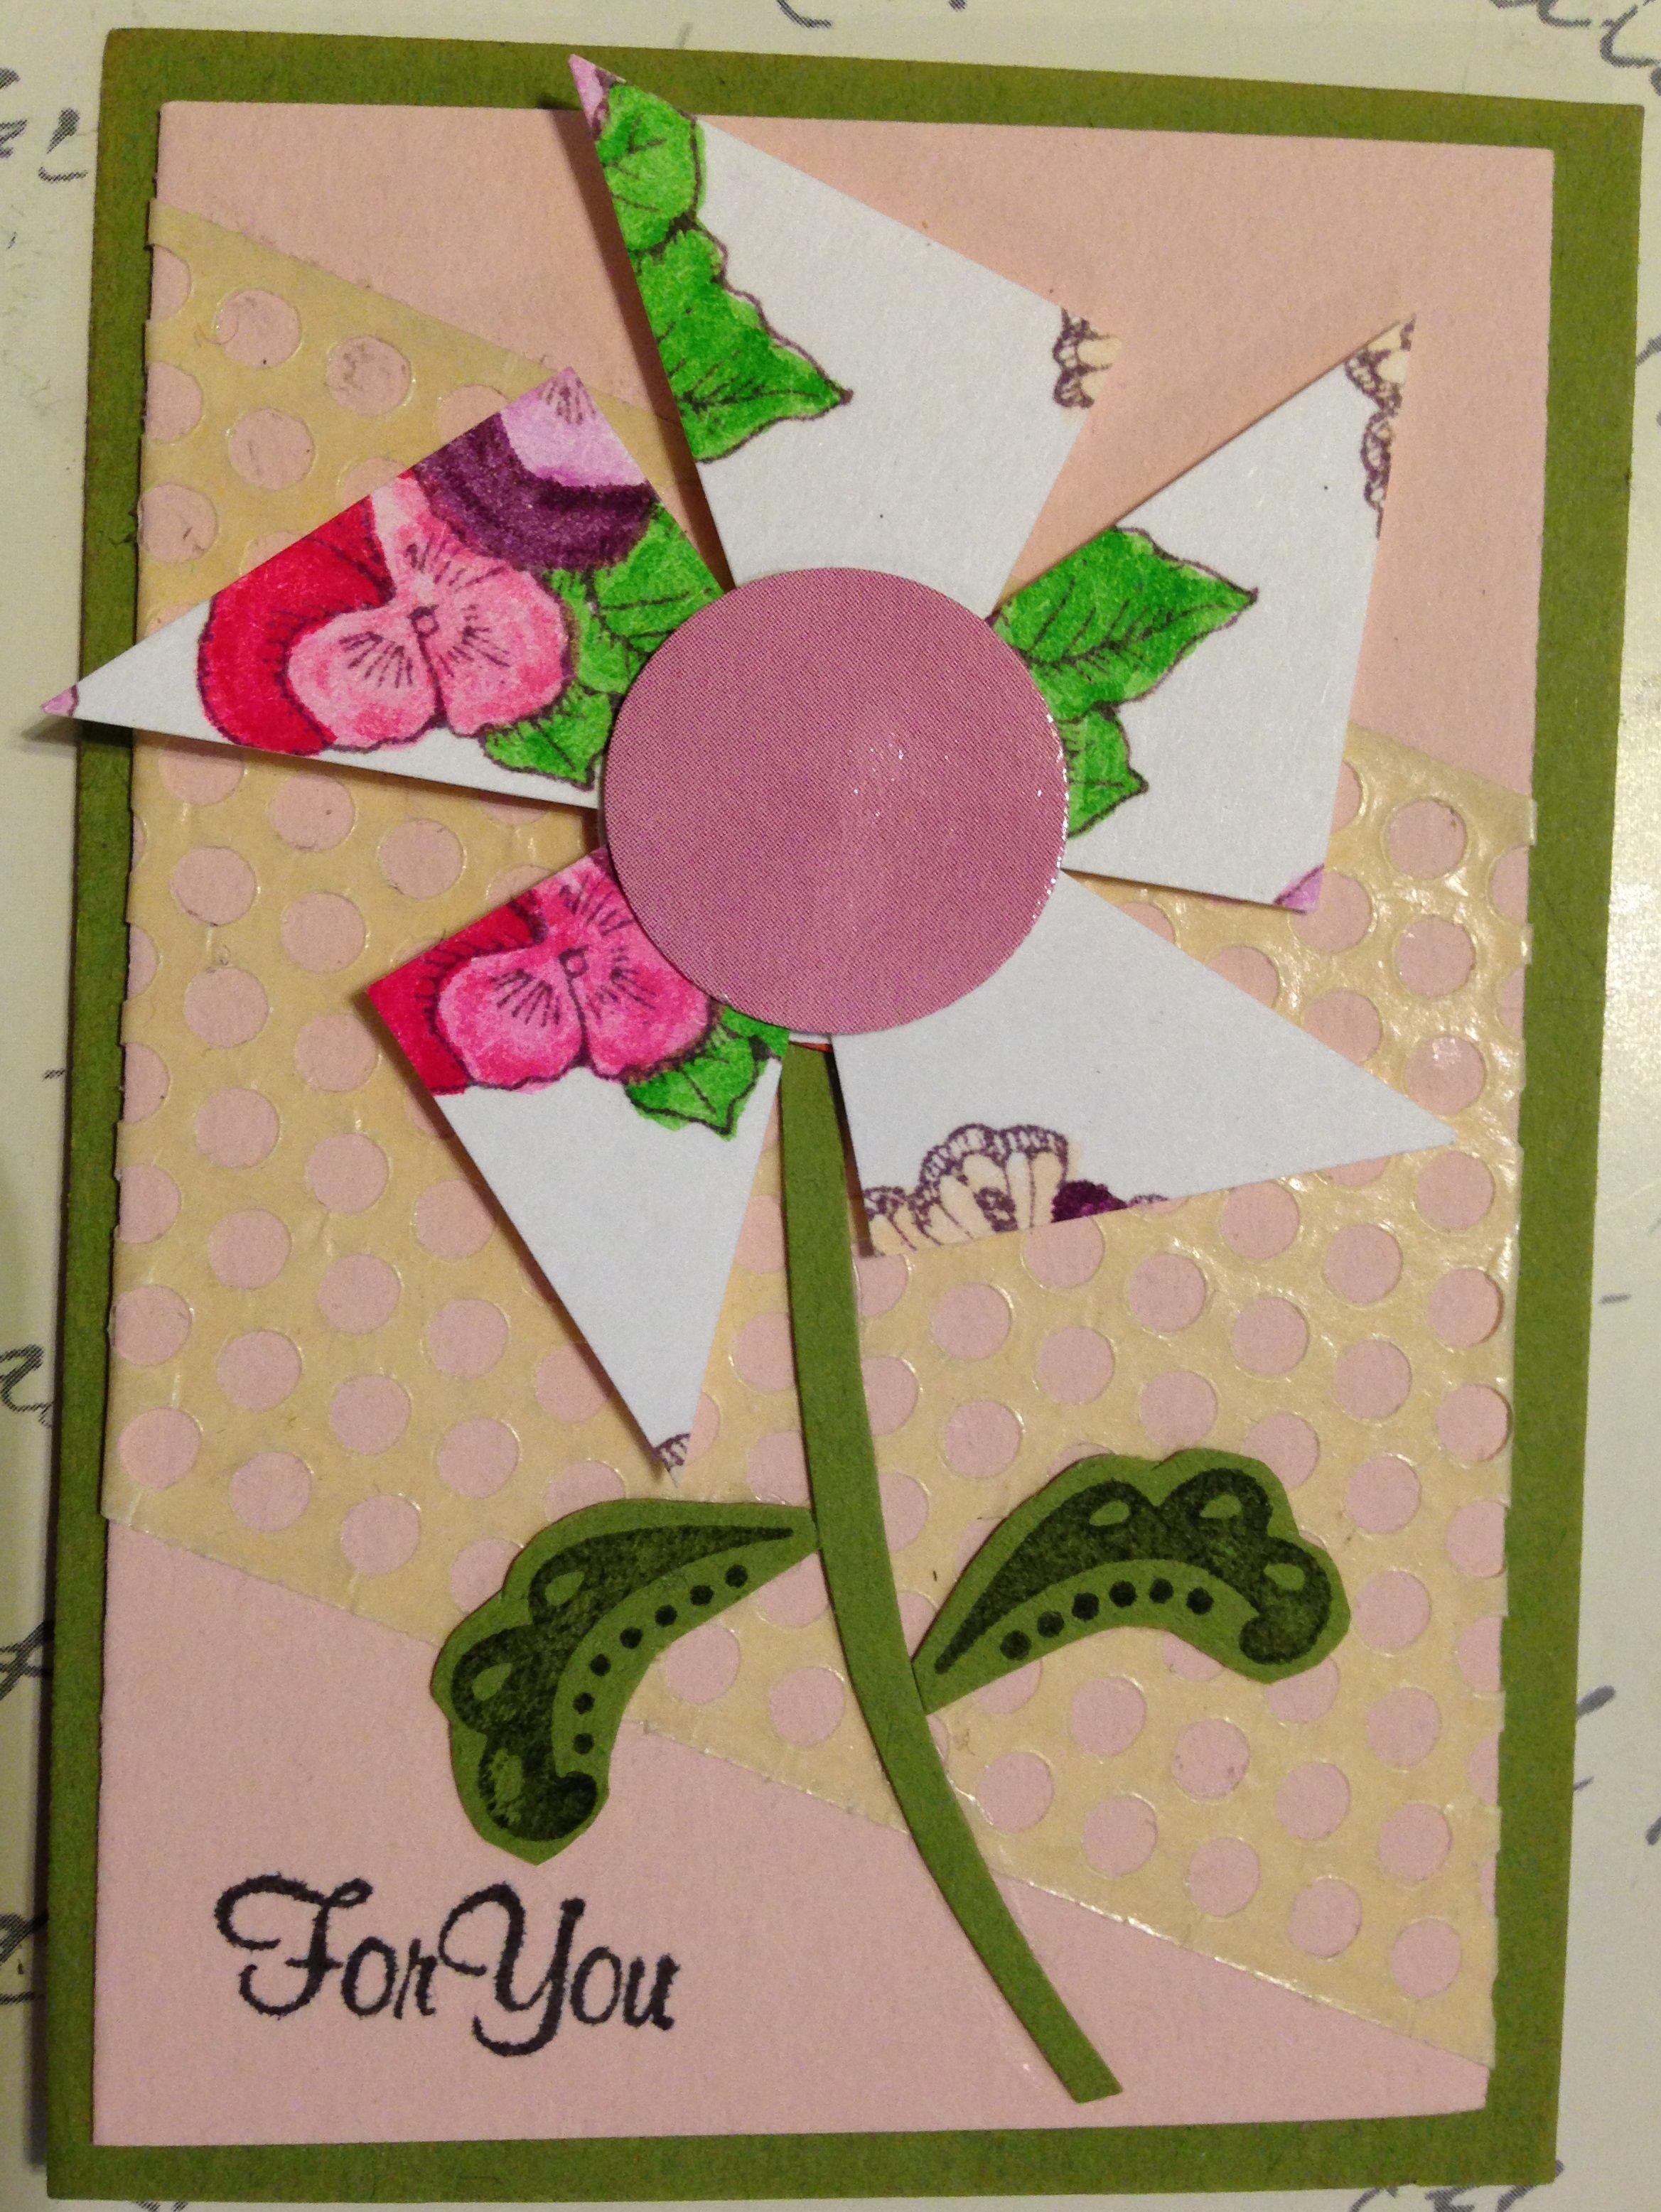 ATC Pinwheel For You  4/7 by Mickey Jo Corbin